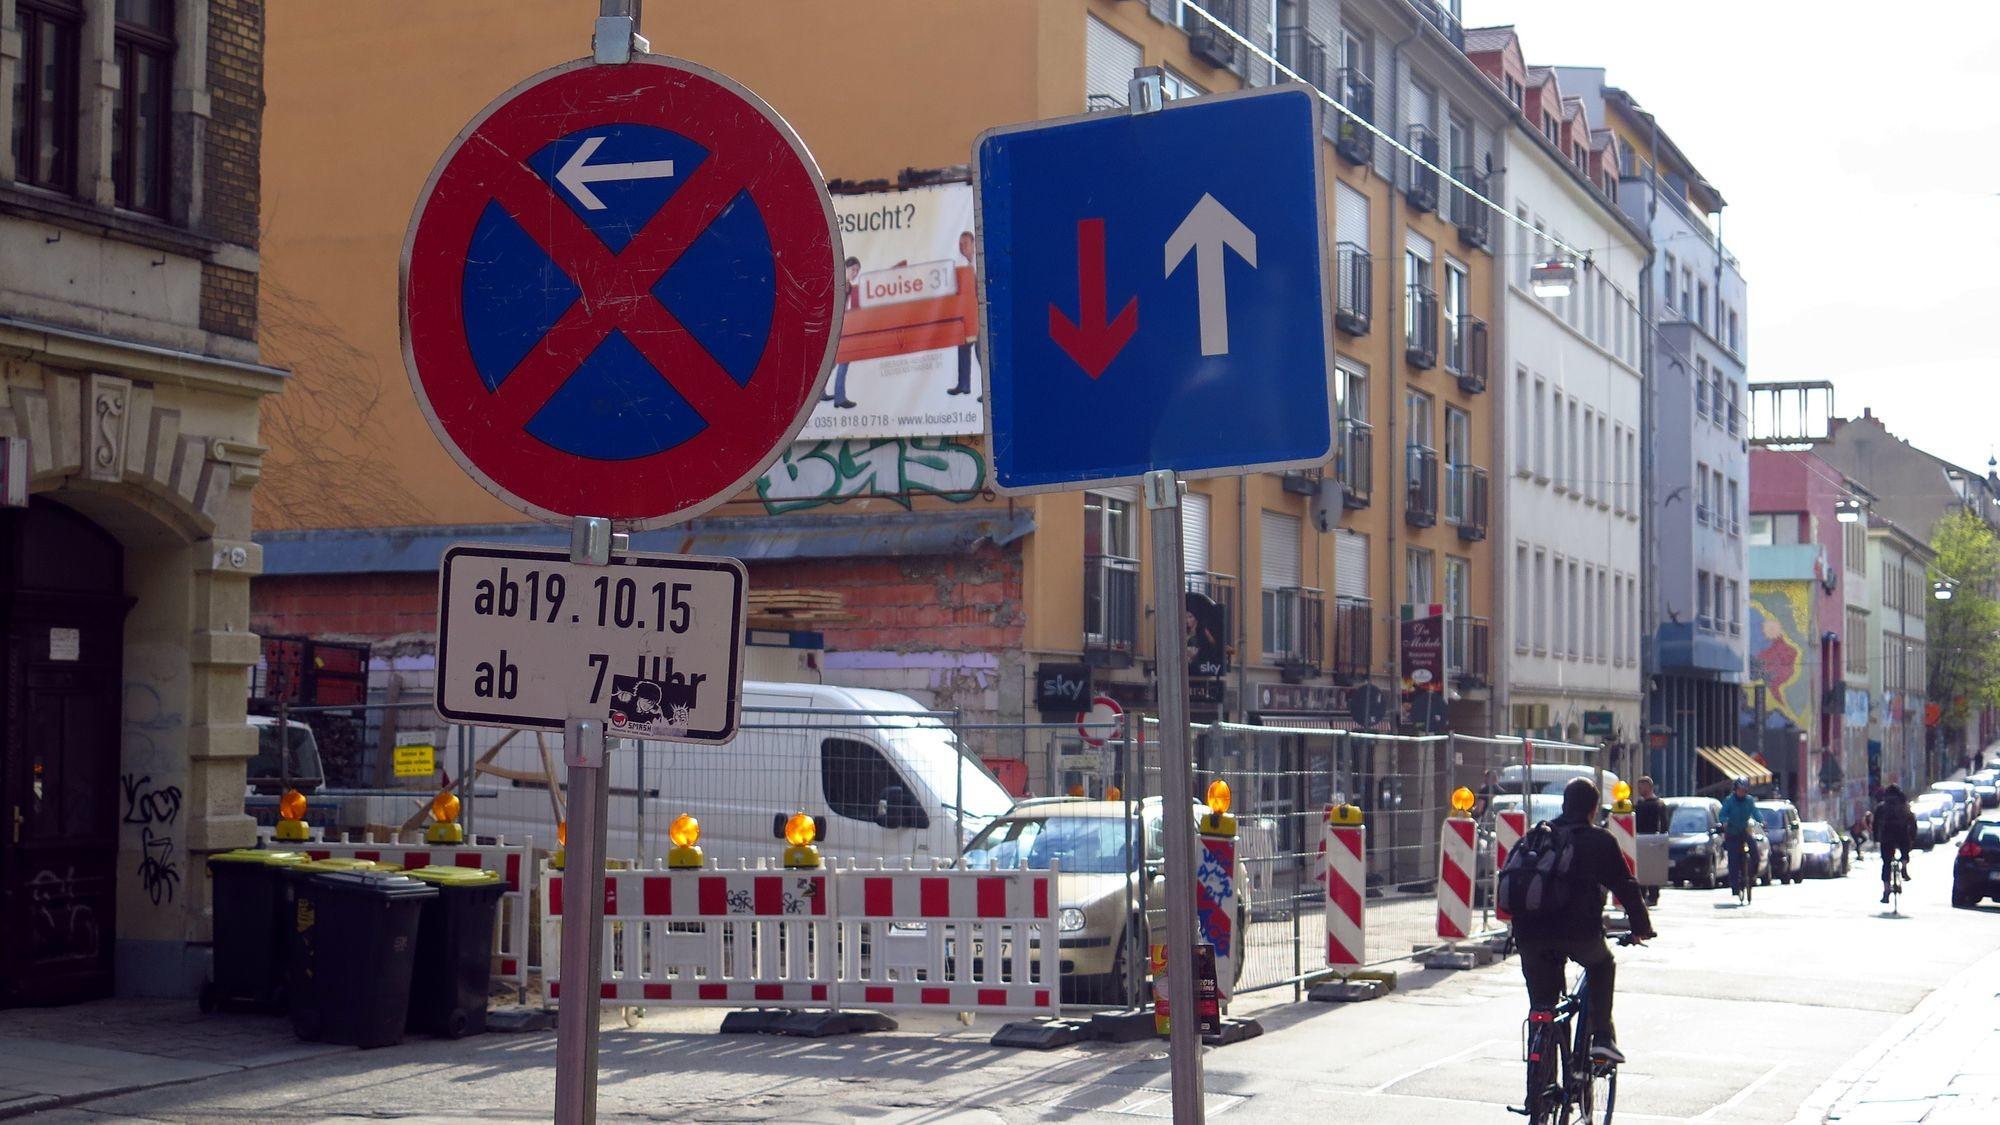 louisenstraße gesperrt: Louisenstraße vom 11. bis 22. April gesperrt.